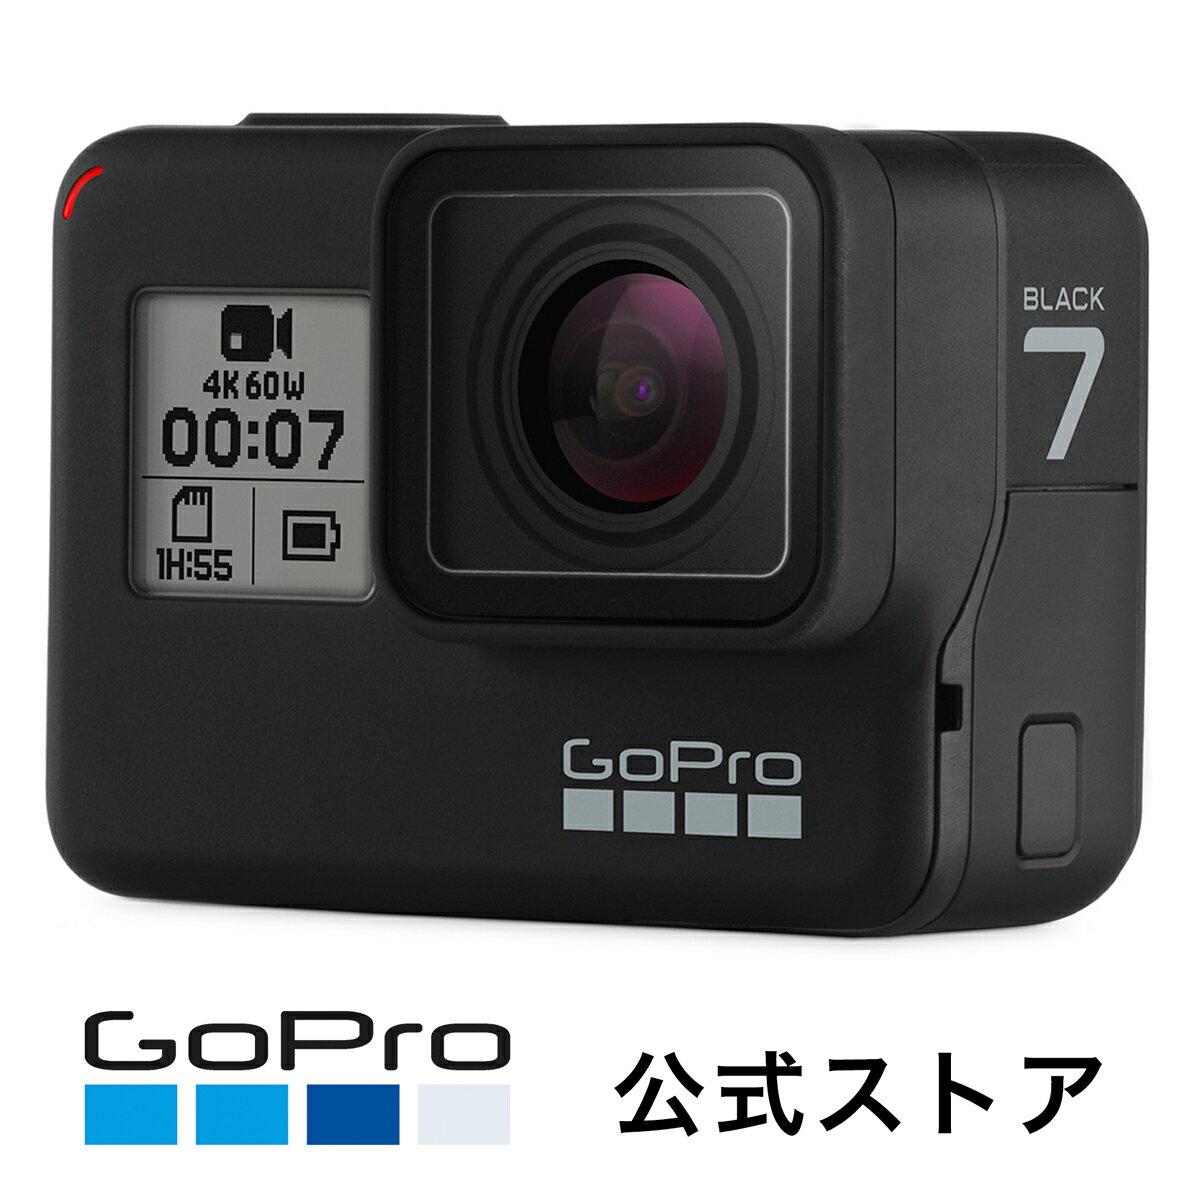 【予約受付中】GoPro(ゴープロ) HERO7 Black CHDHX-701-FW